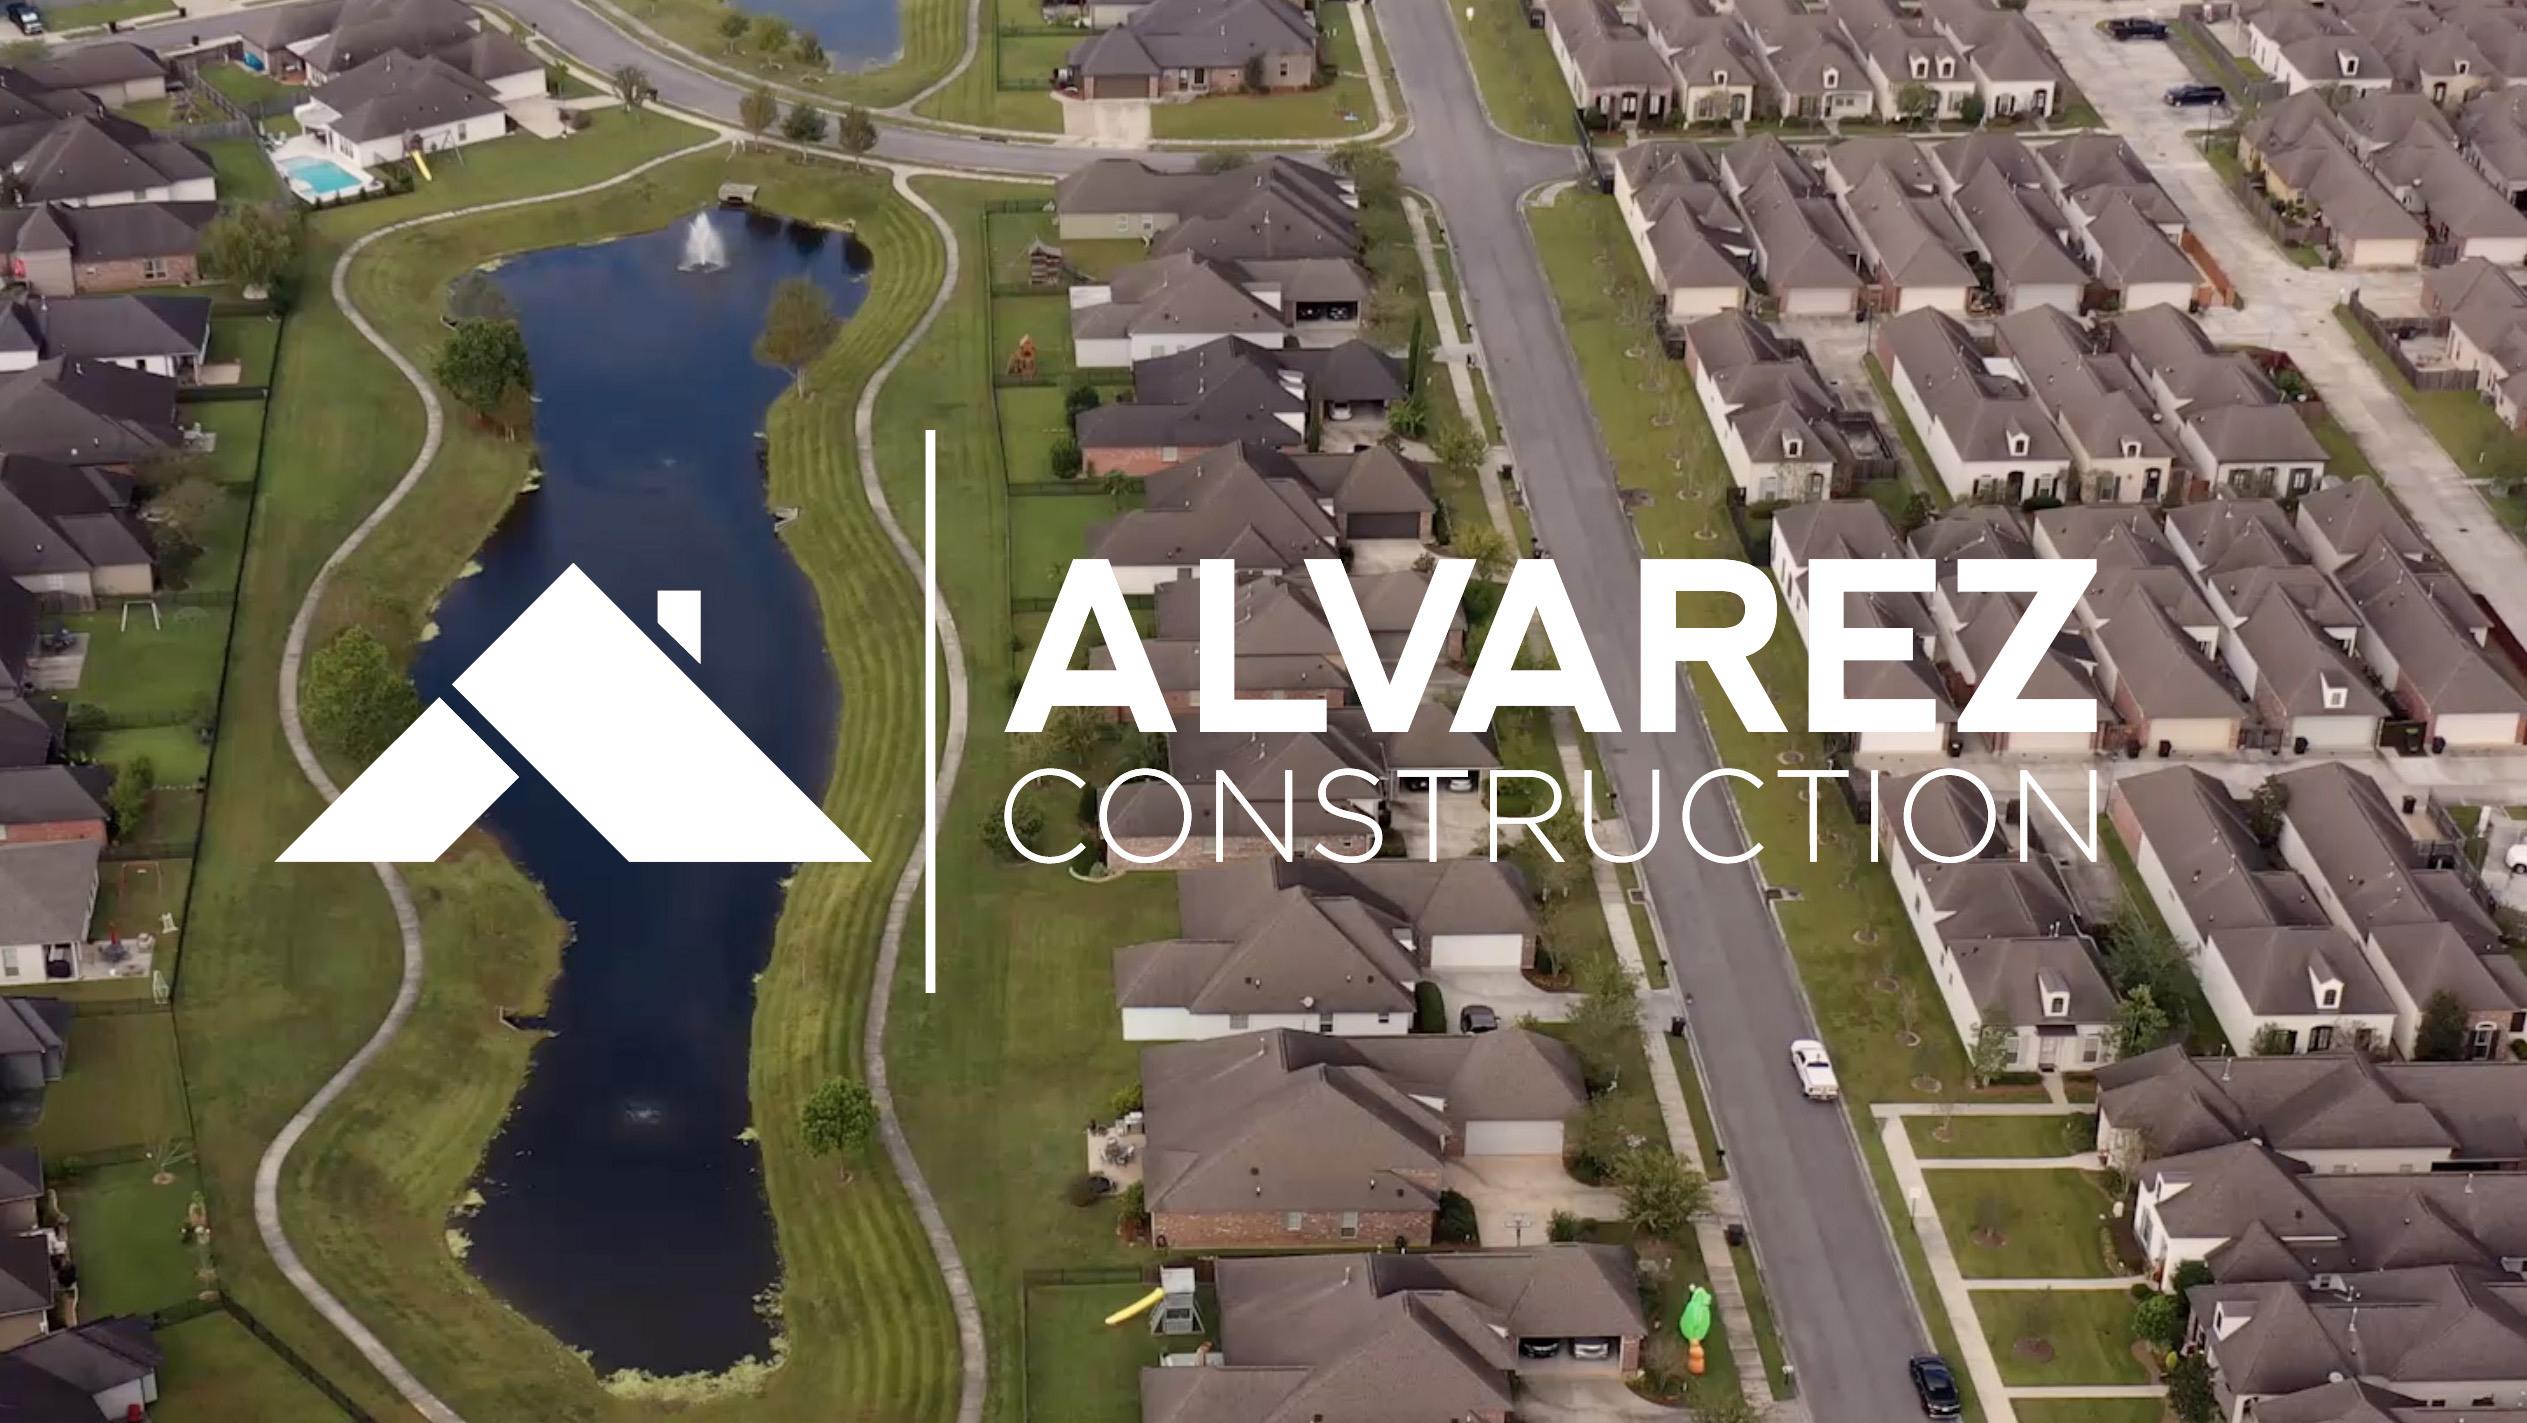 Client - Alvarez Construction, Location - Baton Rouge, LA, Purpose - Brand Film